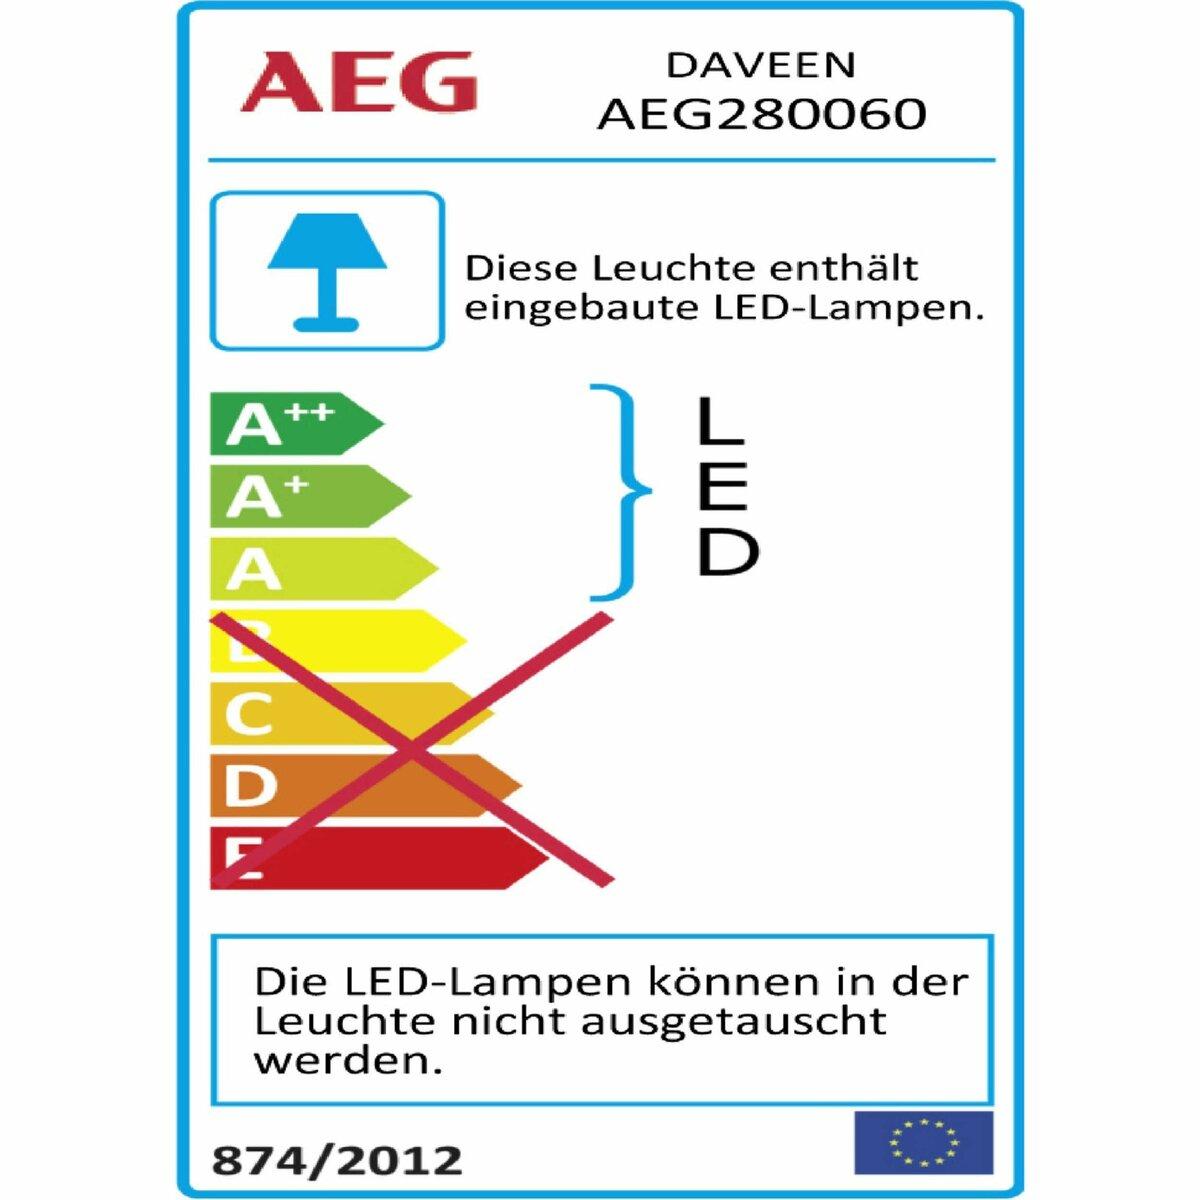 Bild 2 von AEG LED-Außenwandleuchte   Daveen